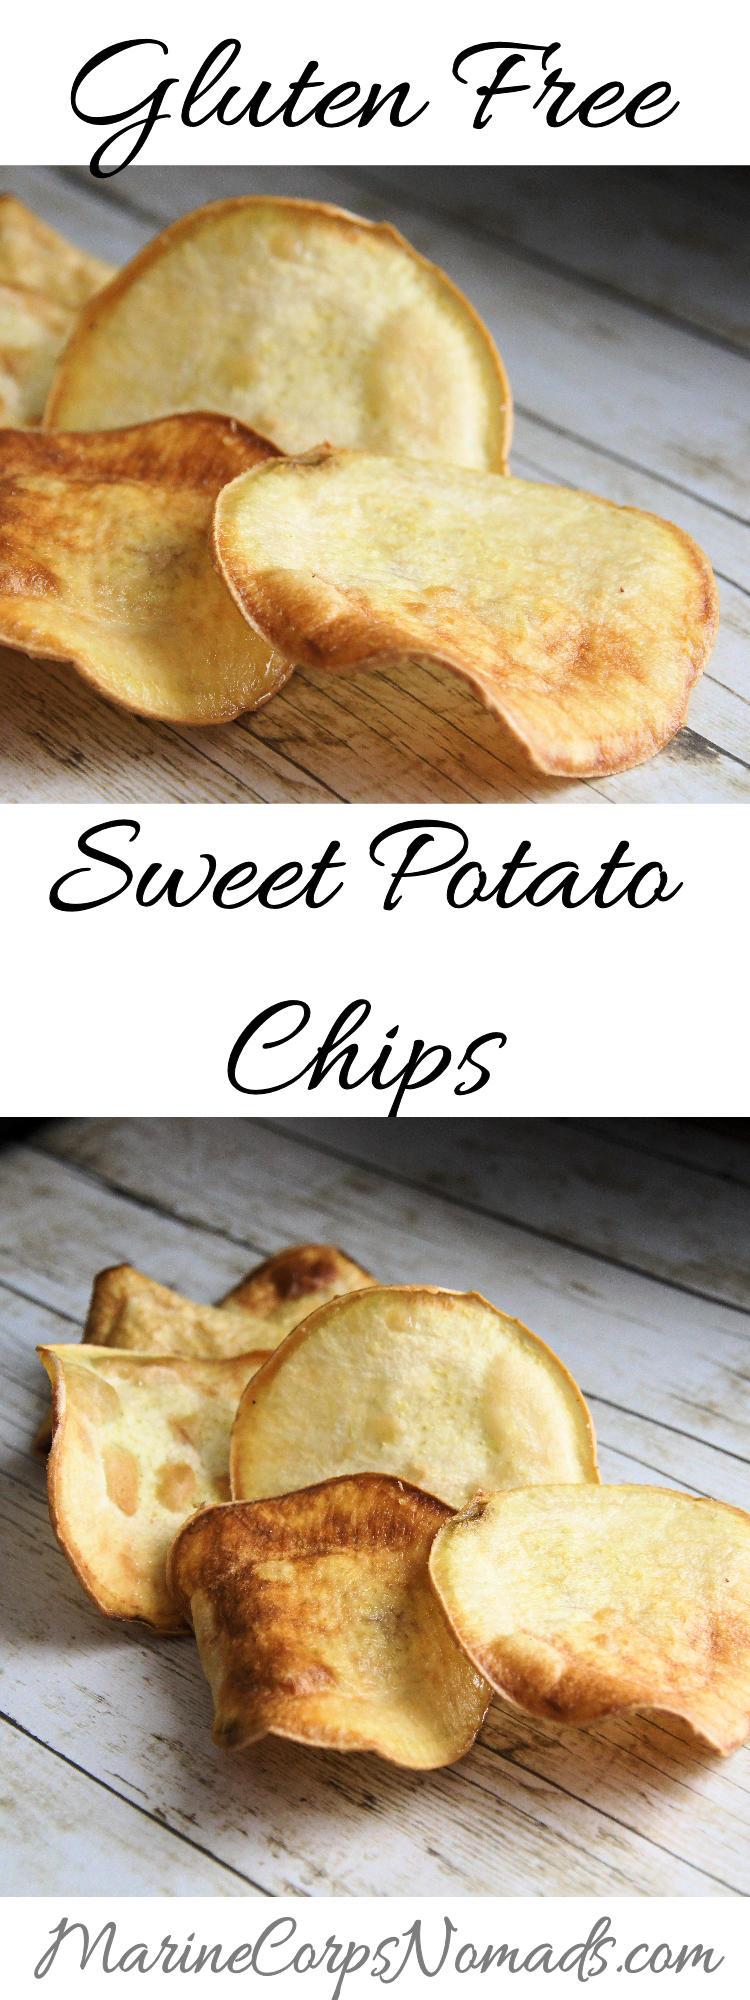 Homemade Gluten Free Sweet Potato Chips   Snacks   Marine Corps Nomads